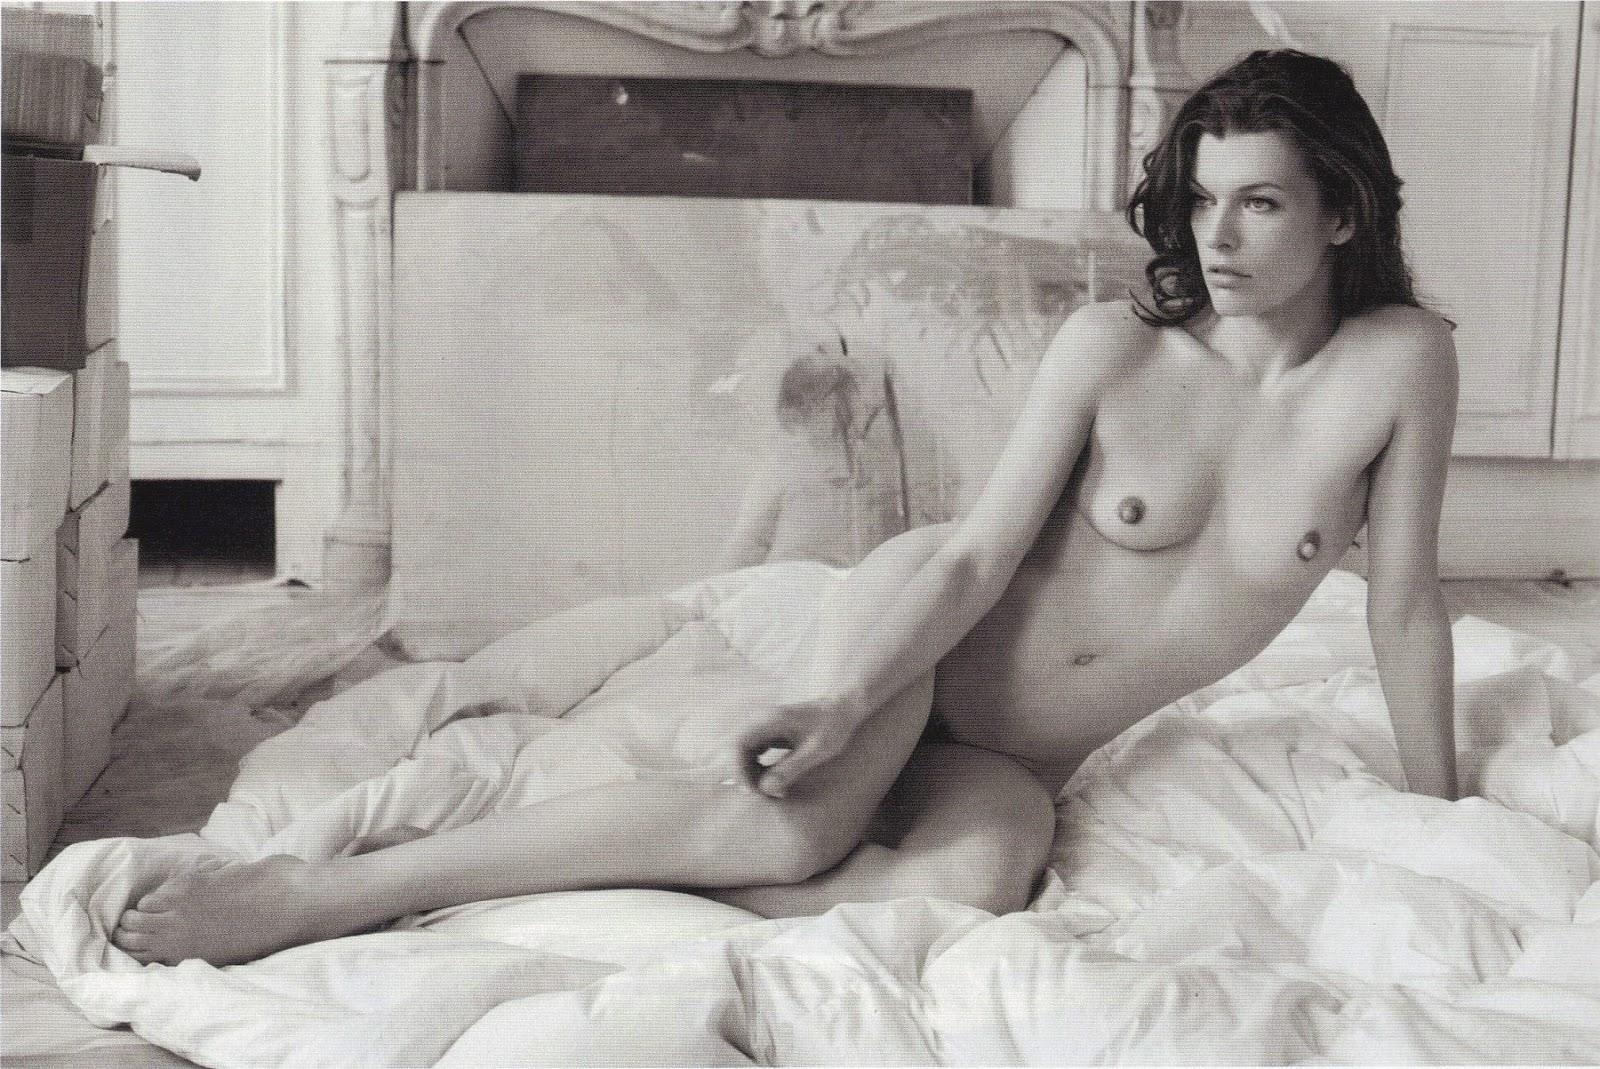 Milla Jovovich Desnuda y Follando en Stone - Videos